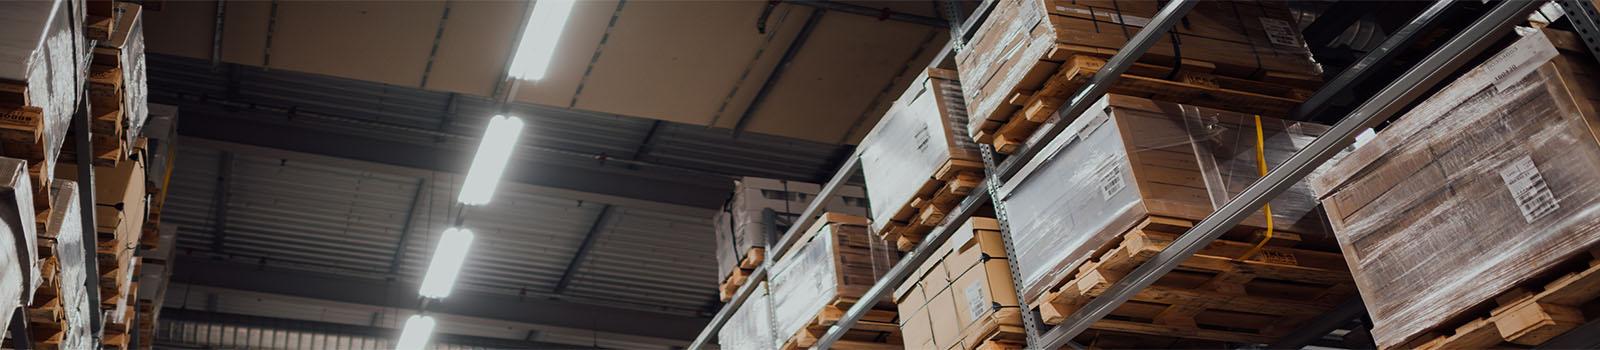 Kuva varastosta, josta on ostetavissa varastontipalveluita